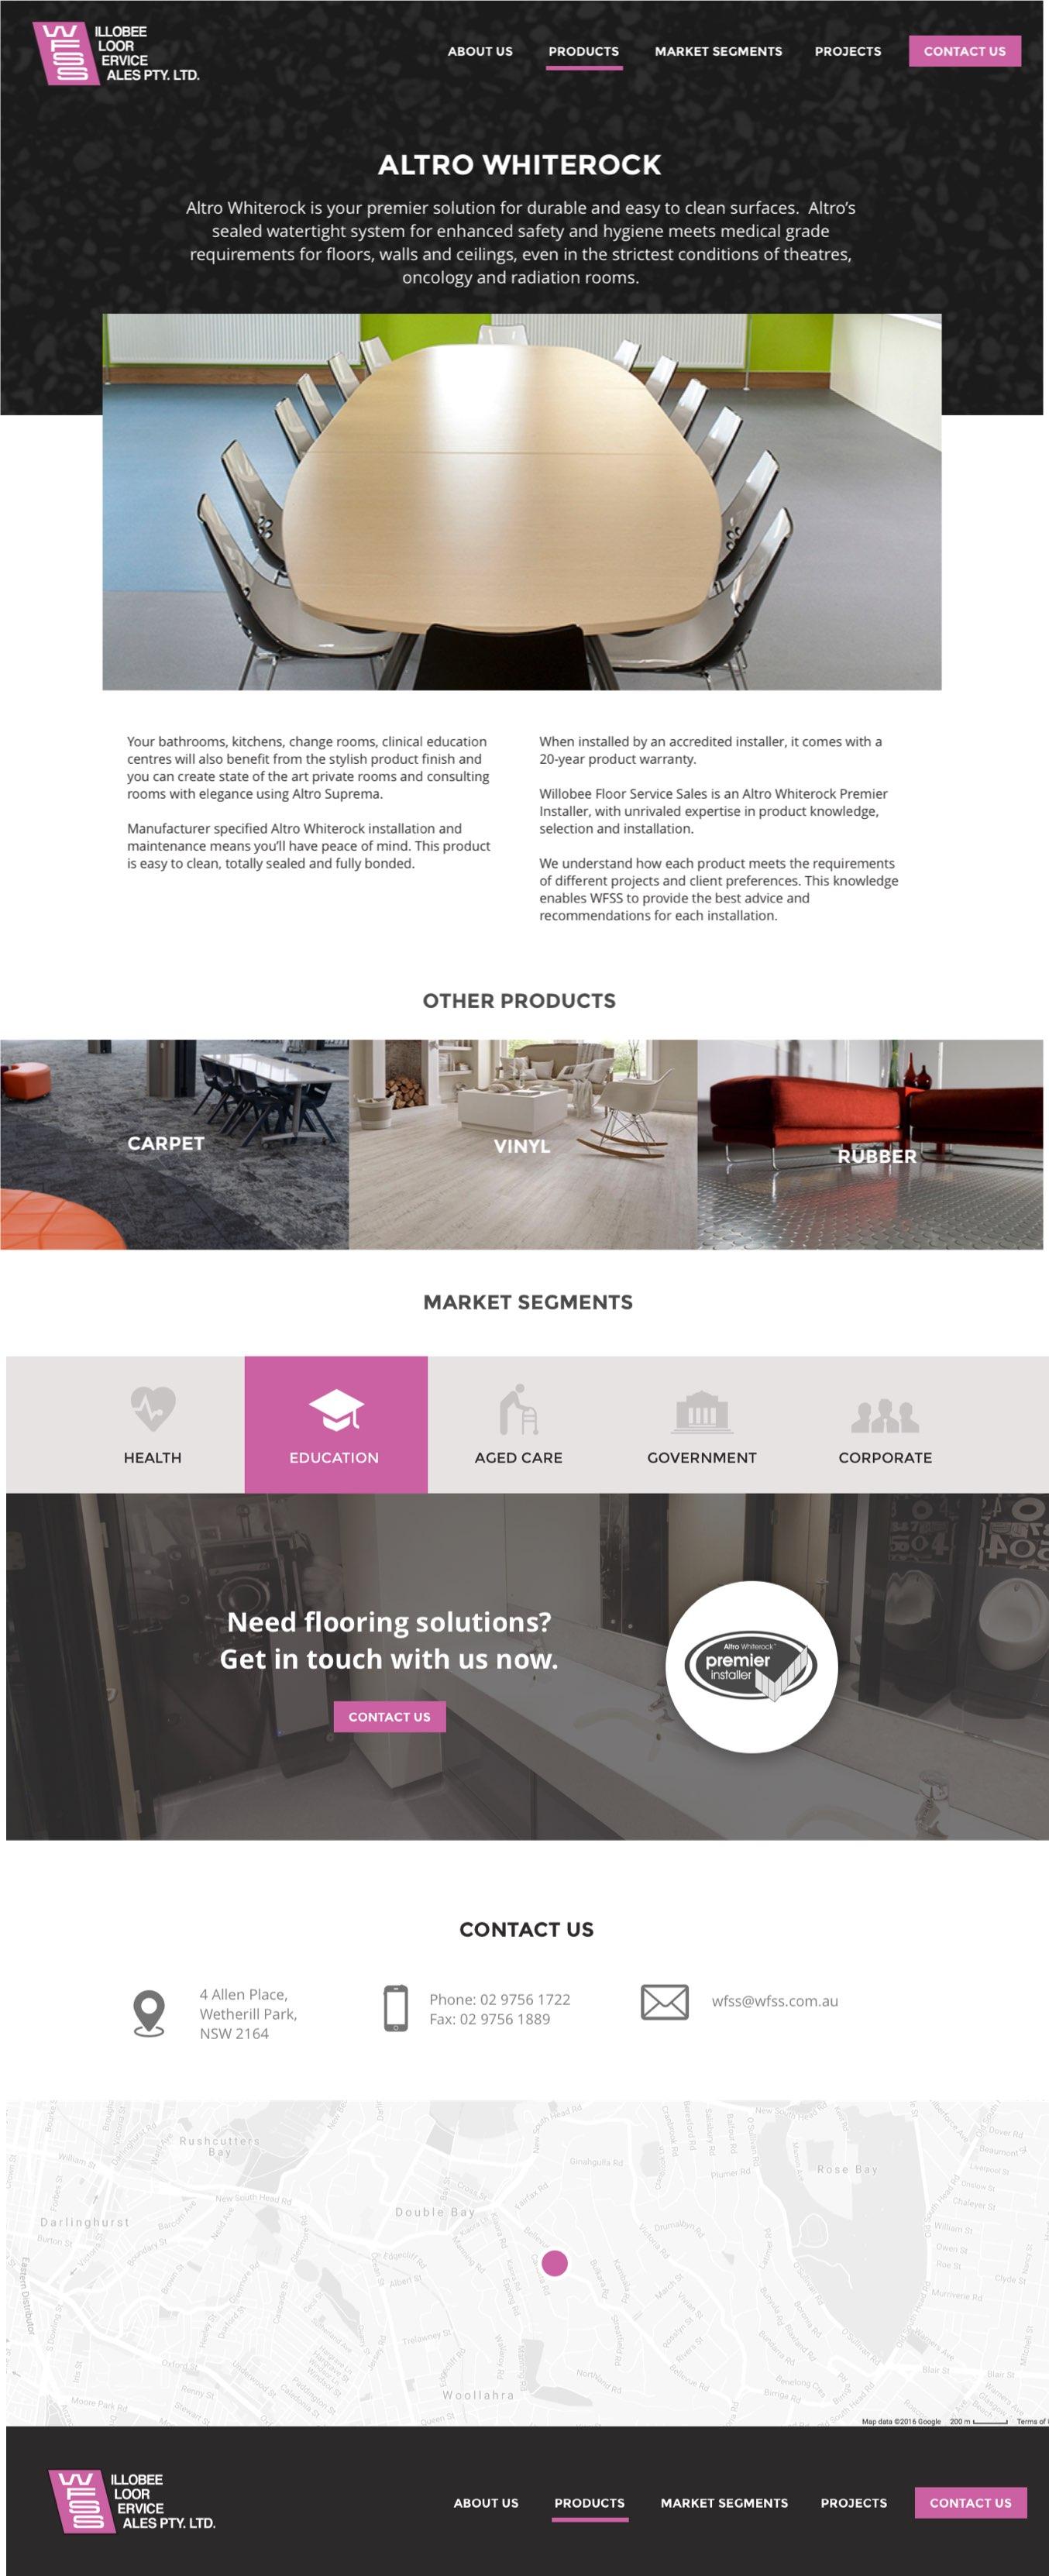 Willobee Floor Service Sales - Website